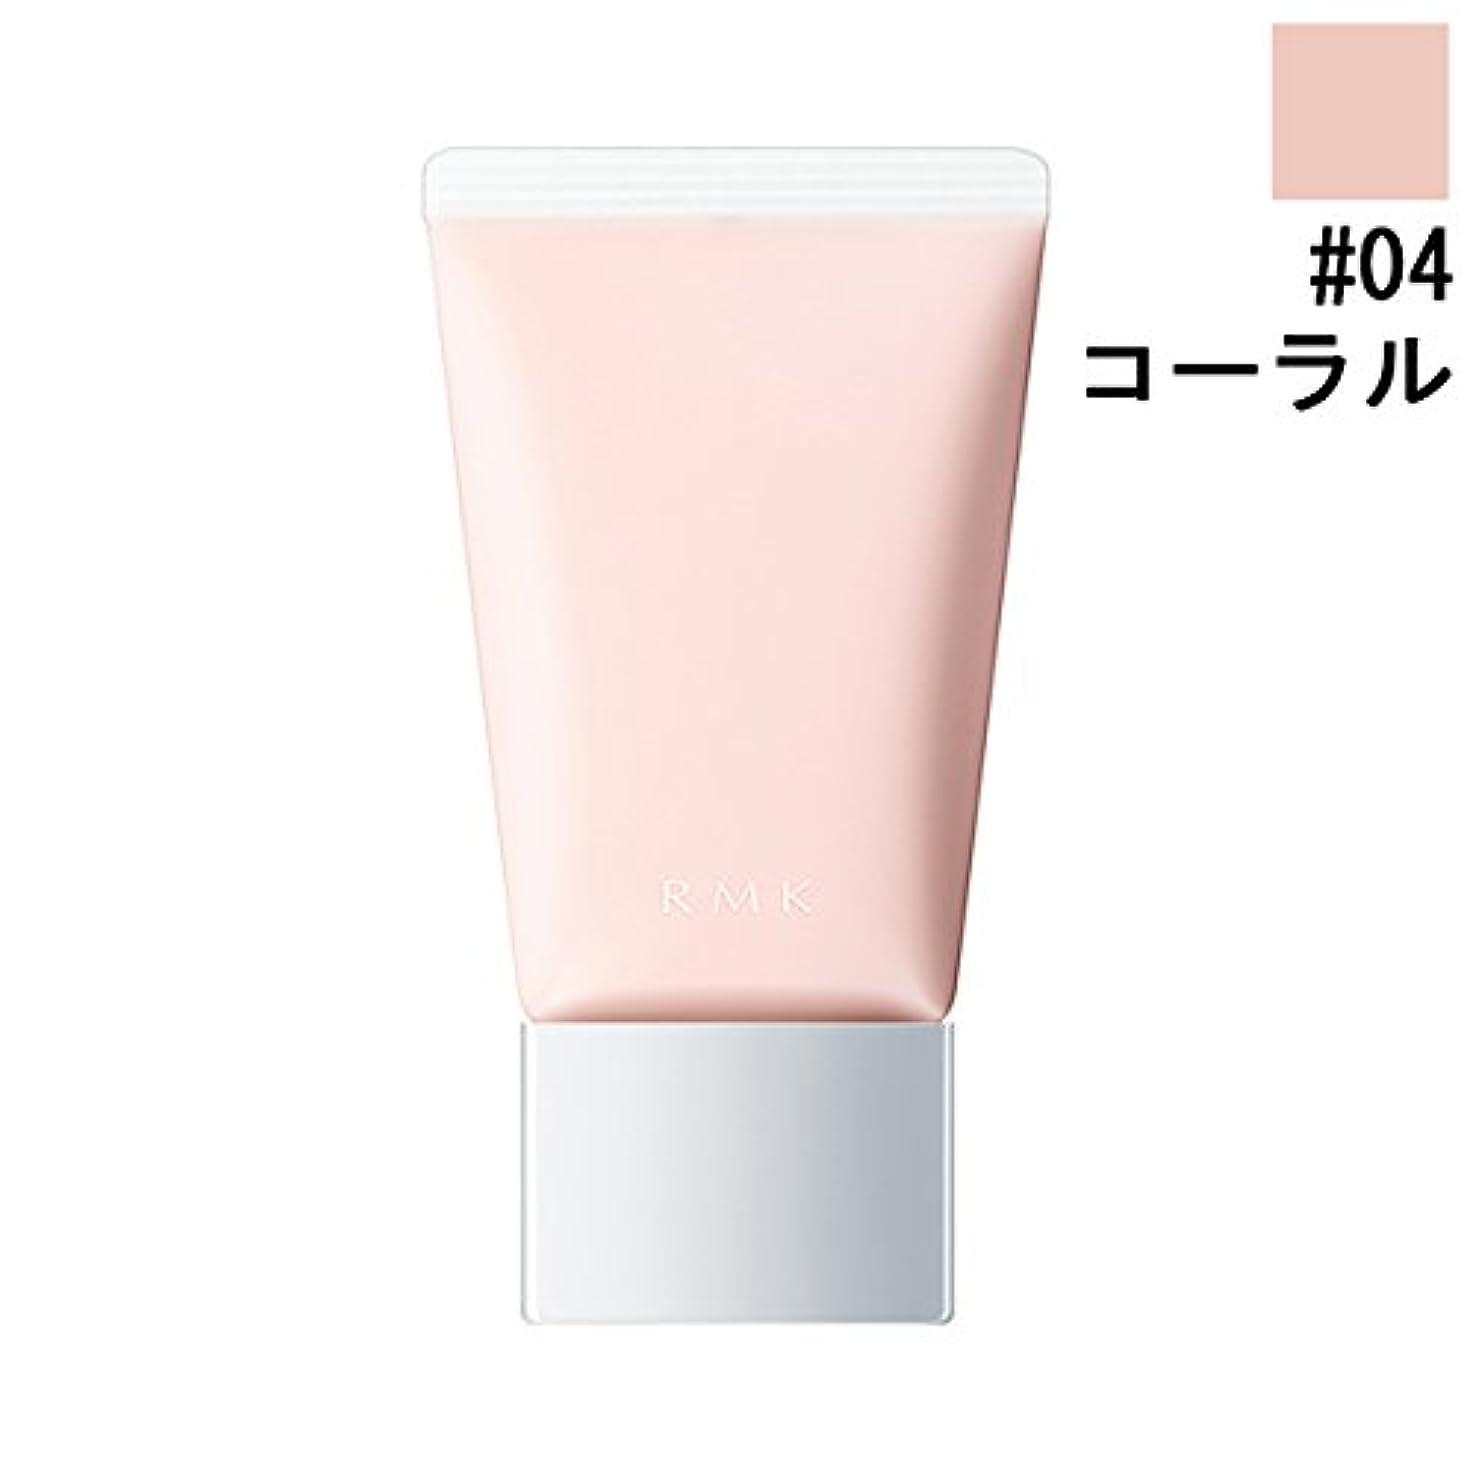 発明盗難ディーラー【RMK (ルミコ)】ベーシック コントロールカラー N #04 コーラル 30g